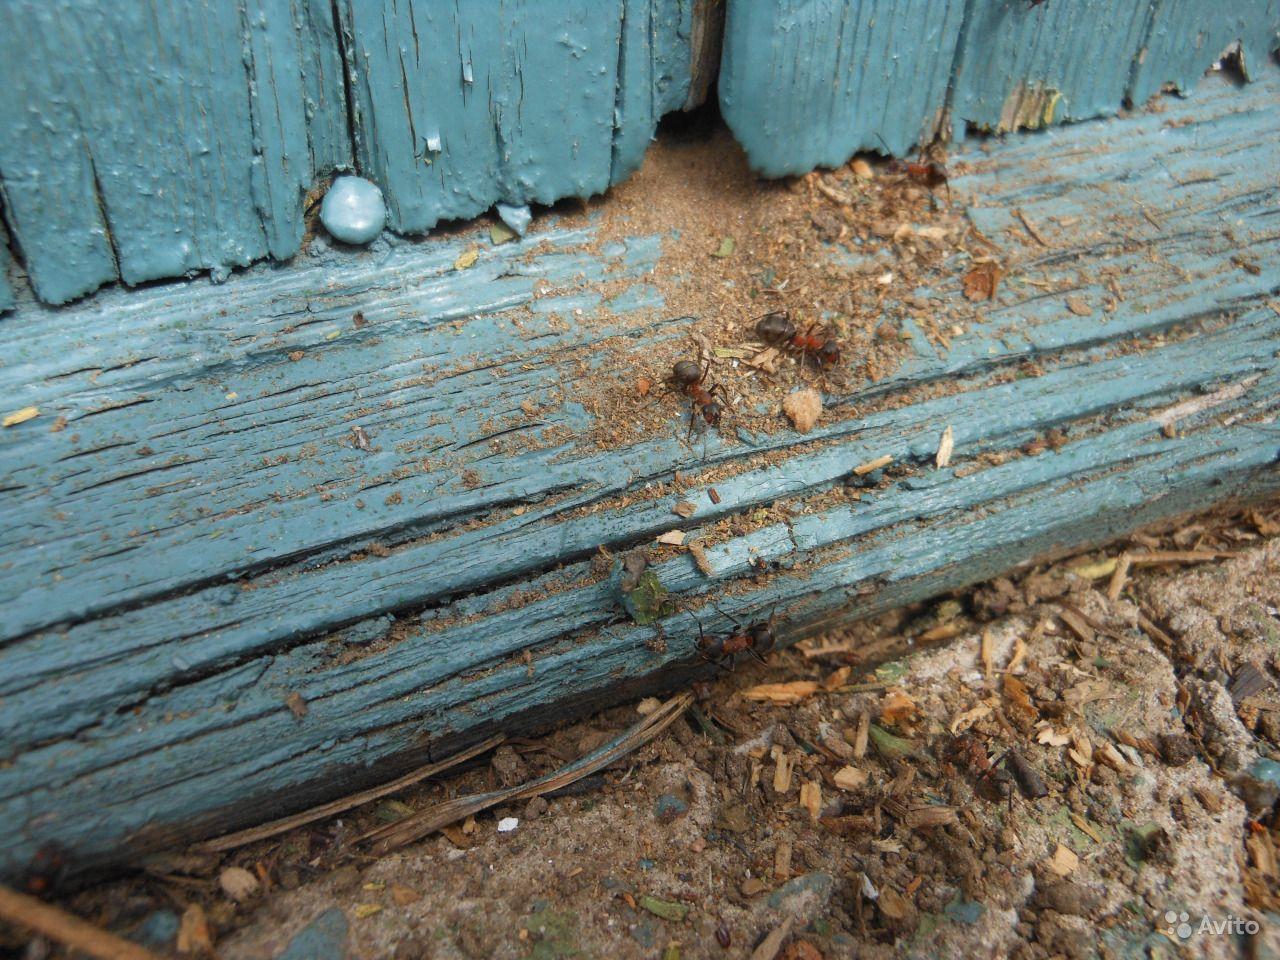 Как избавиться от муравьев в квартире: рассматриваем способы борьбы